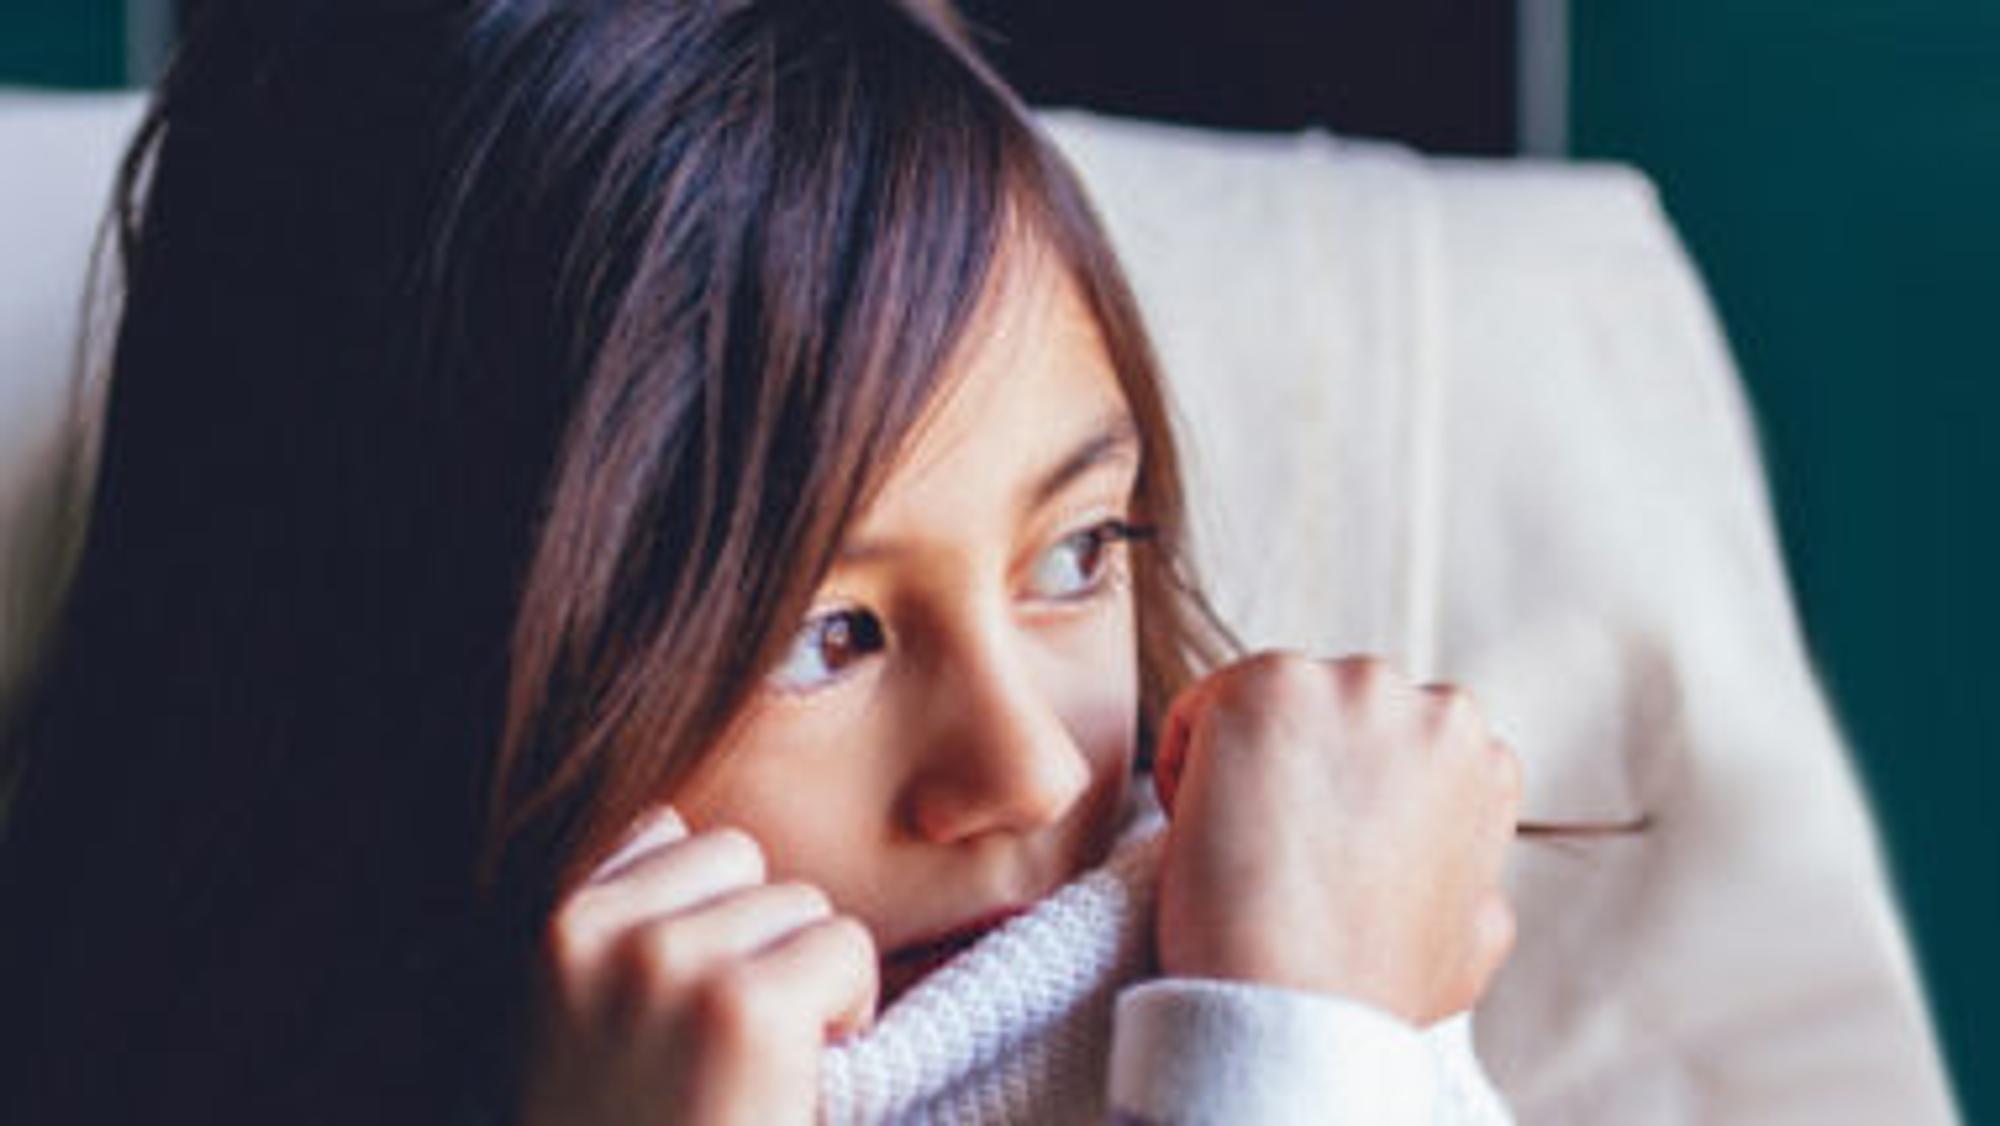 Mädchen traurig , hält sich am Rollkragen fest